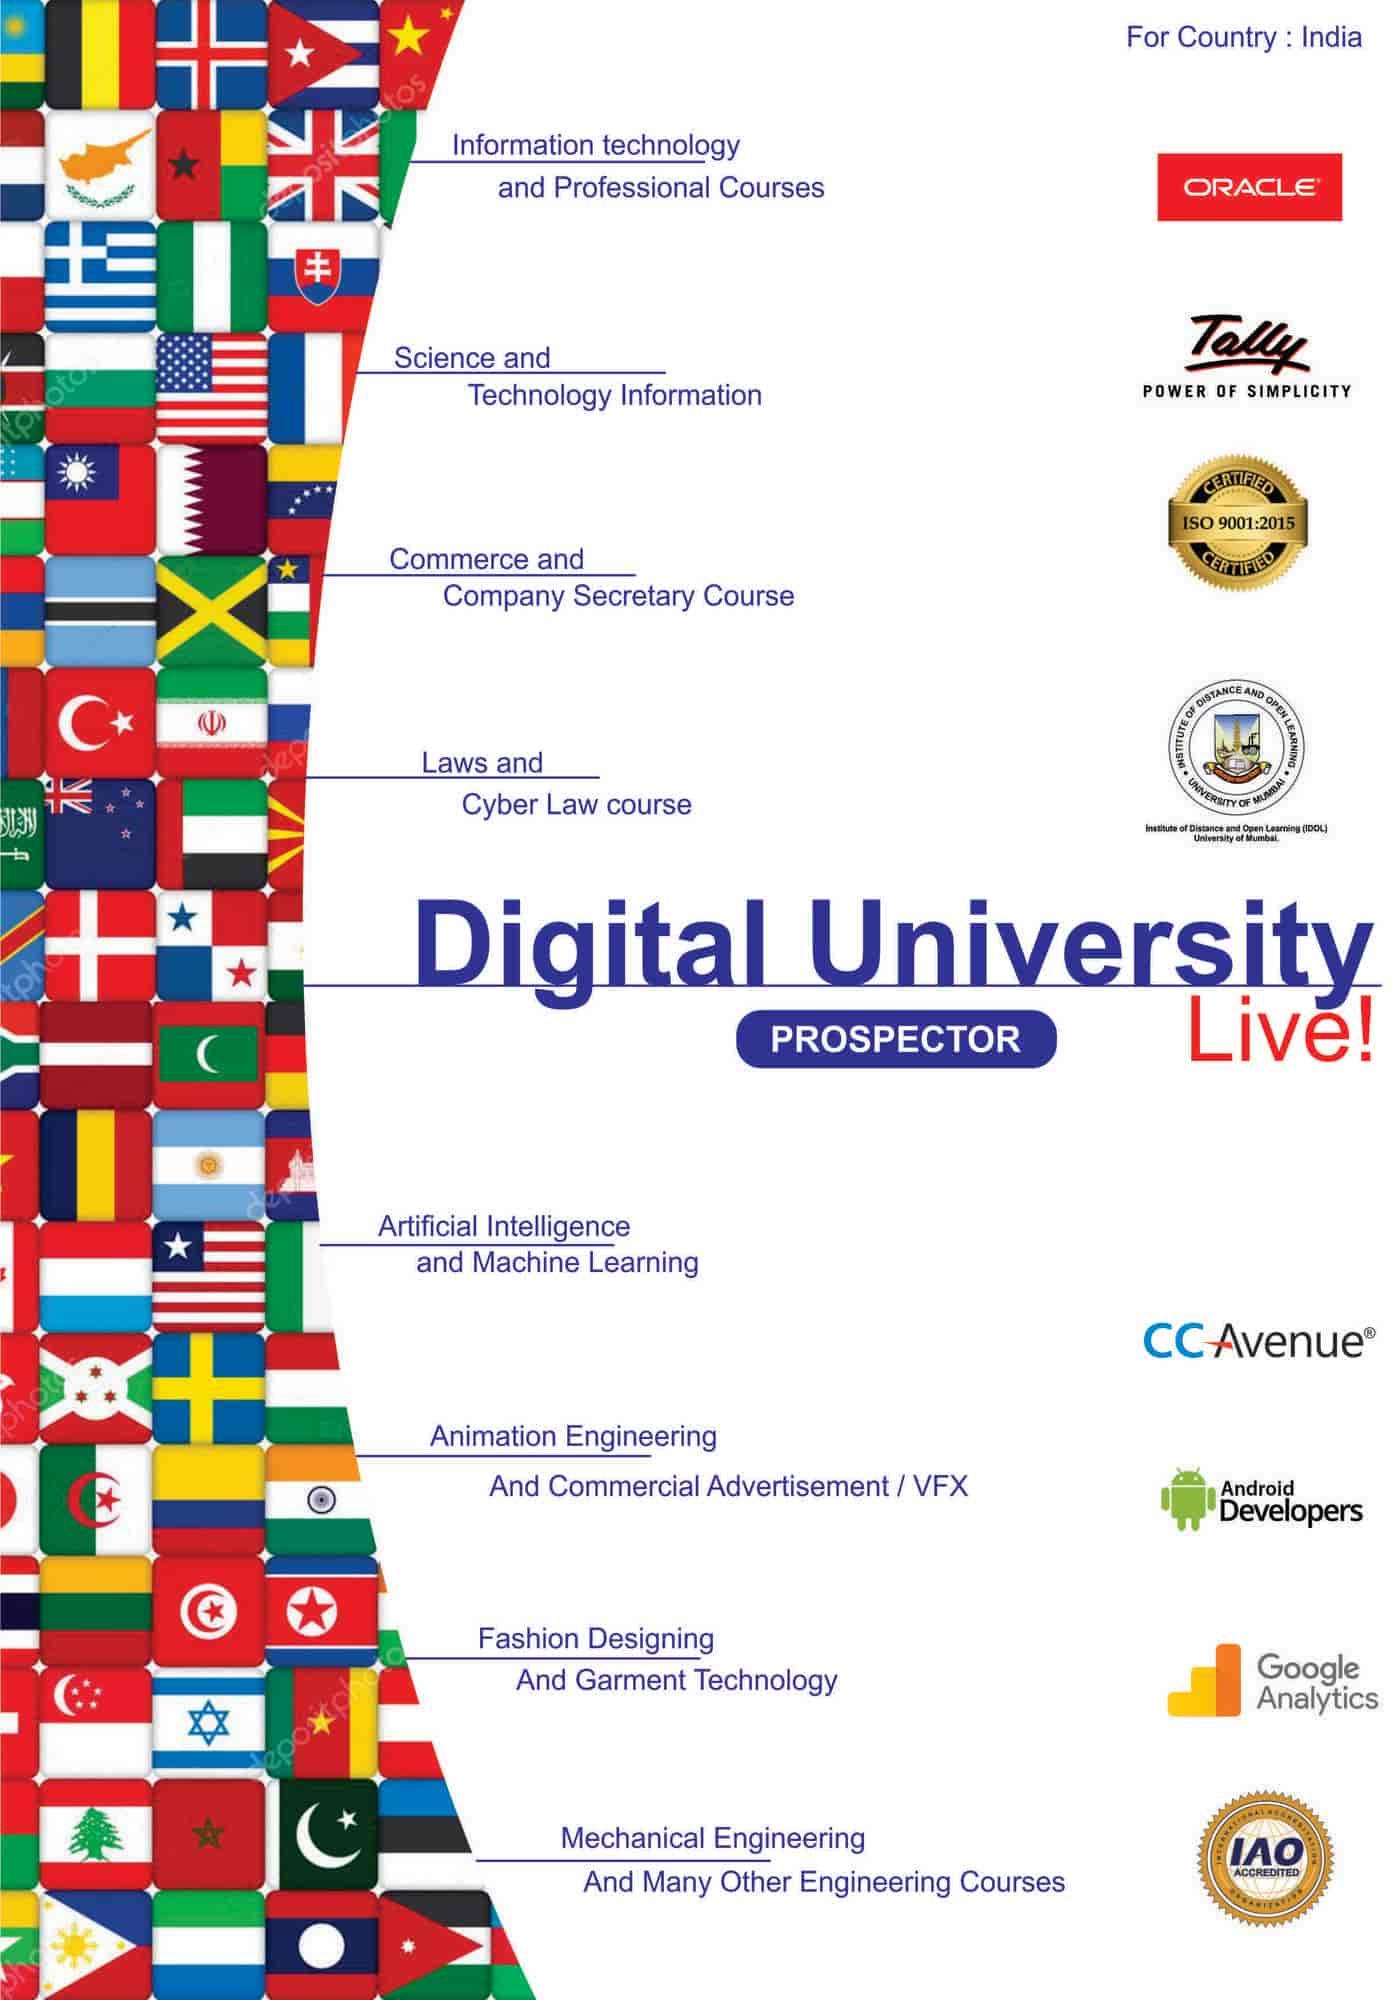 Digitaledu net in, Andheri West - Computer Training